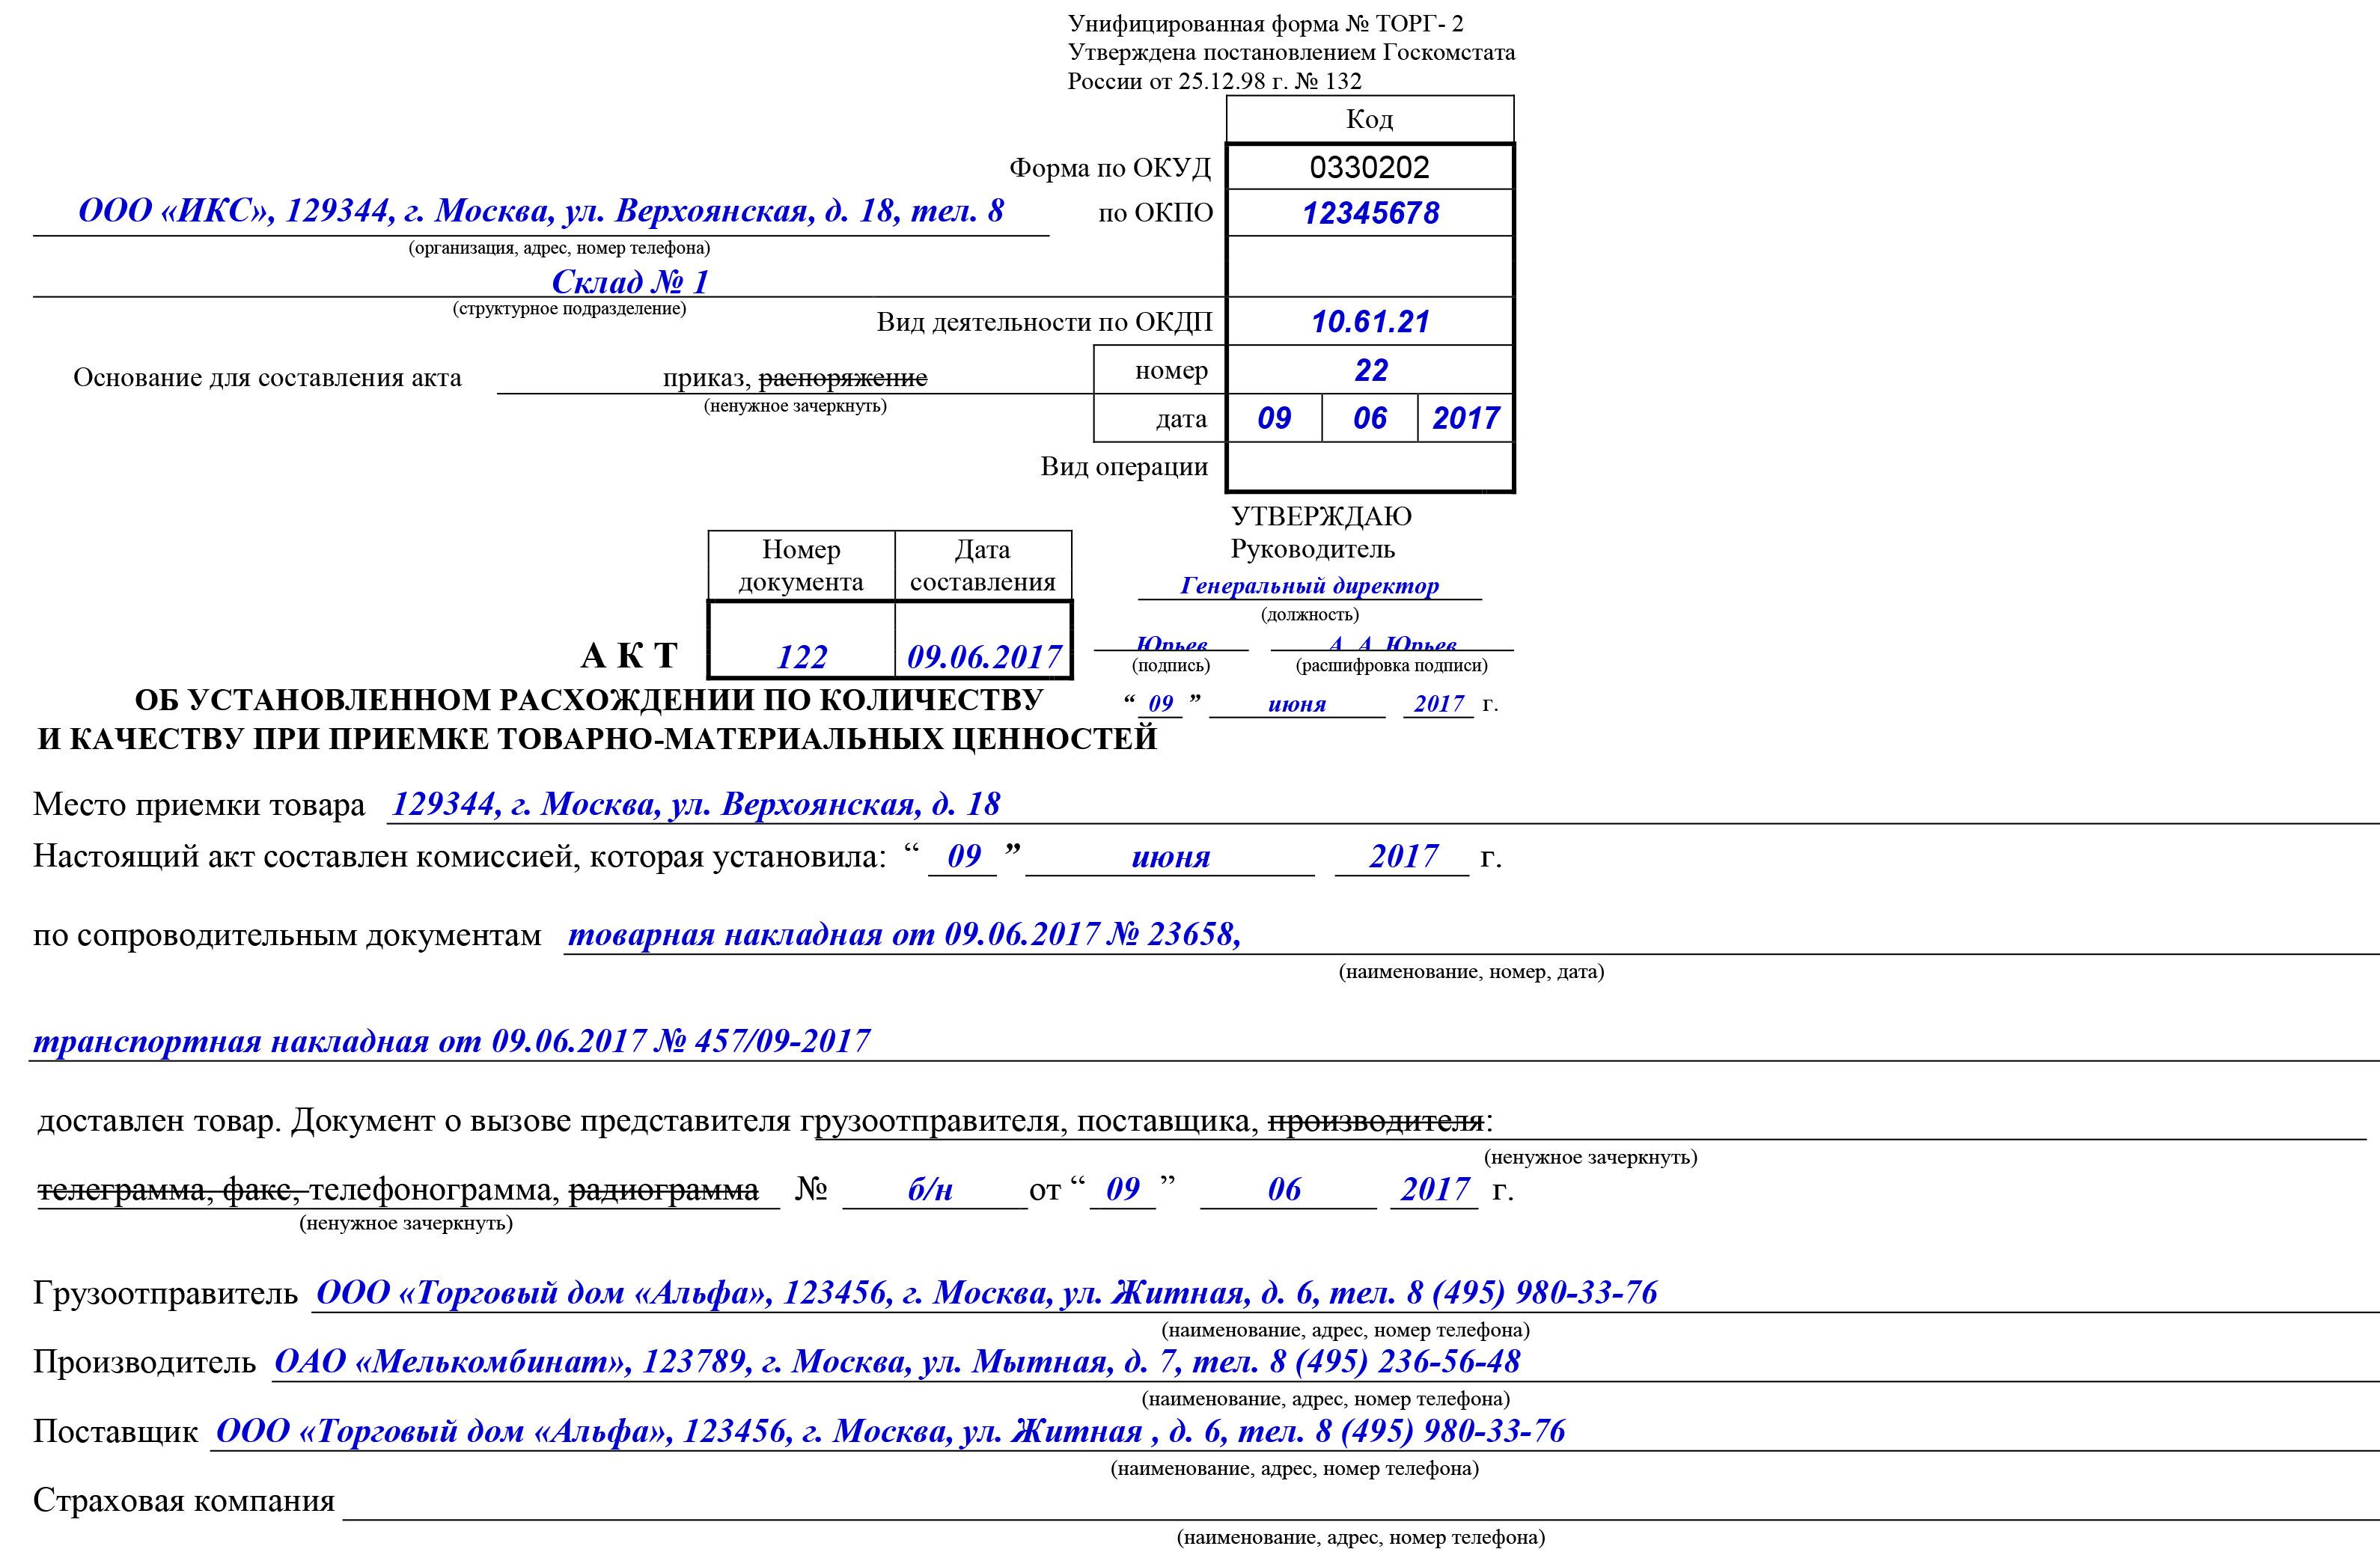 Торг-2 образец заполнения.pdf